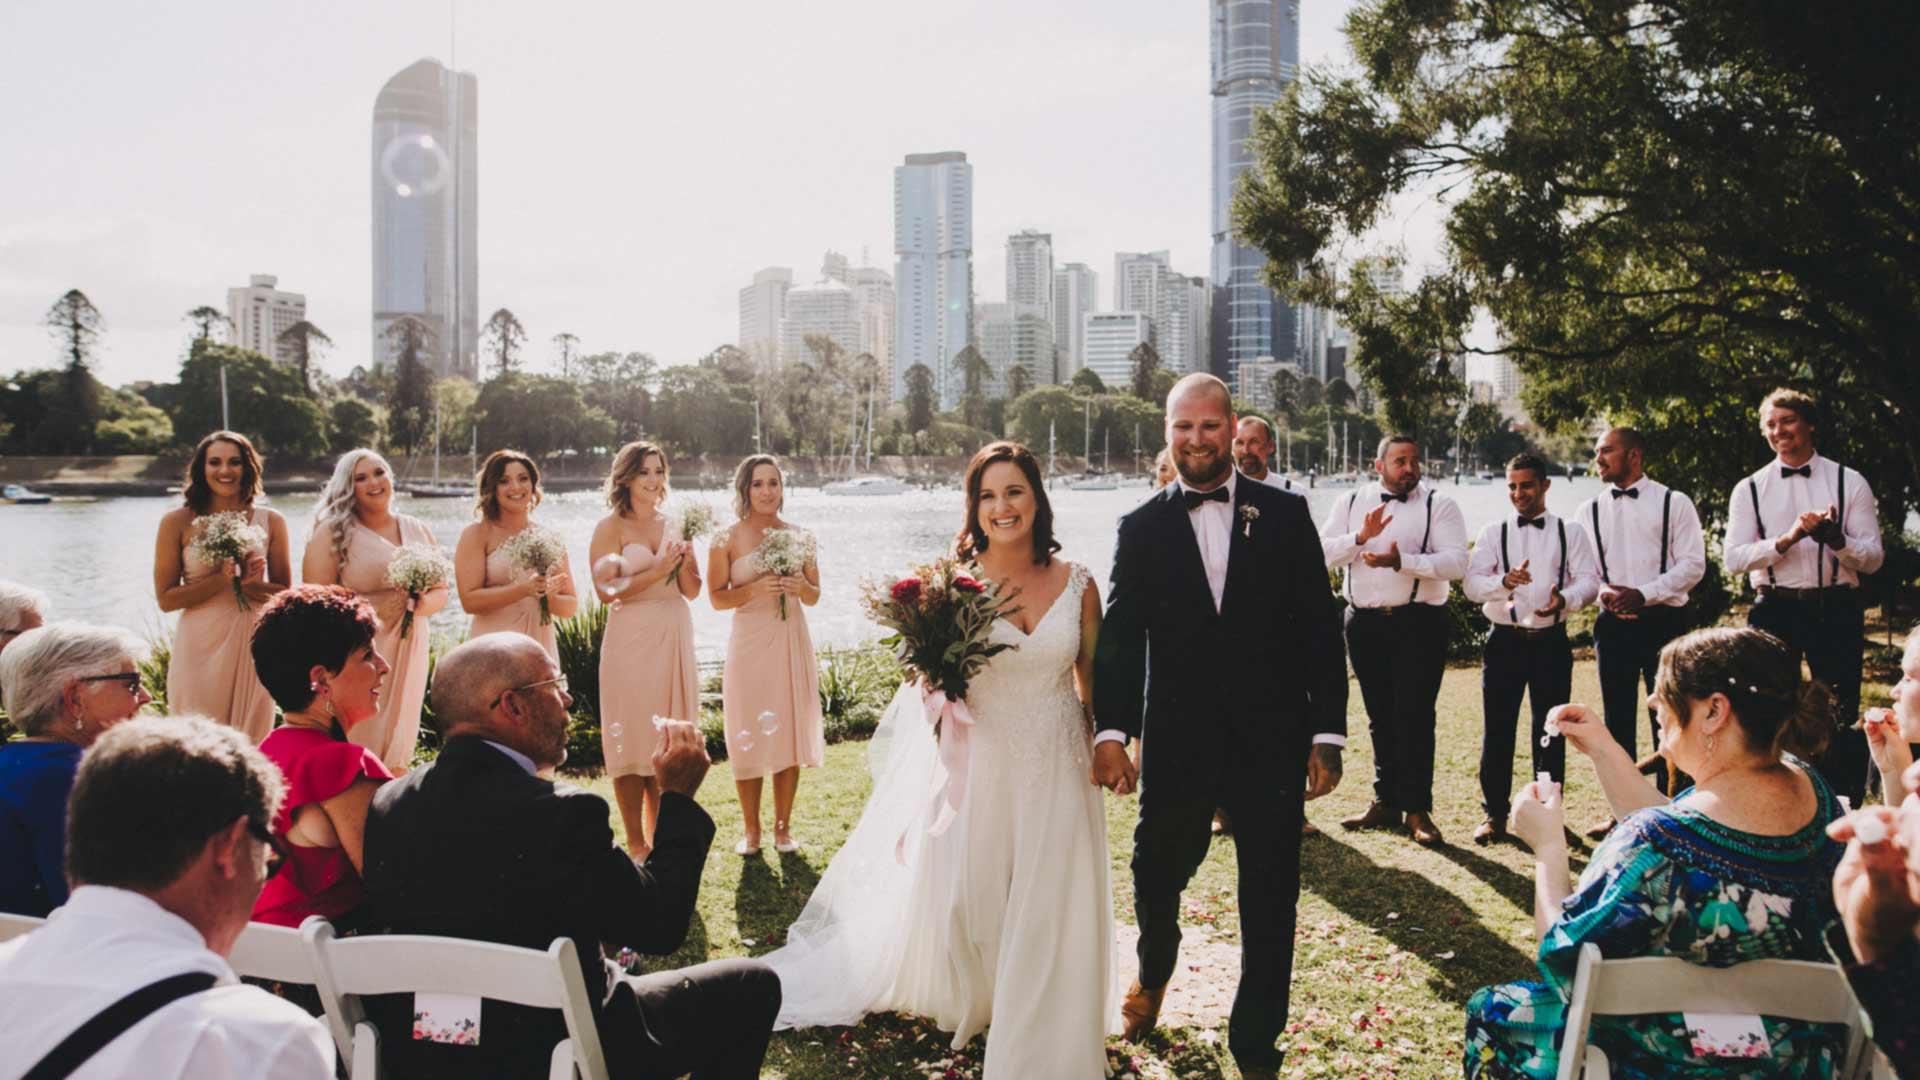 brisbane wedding planning